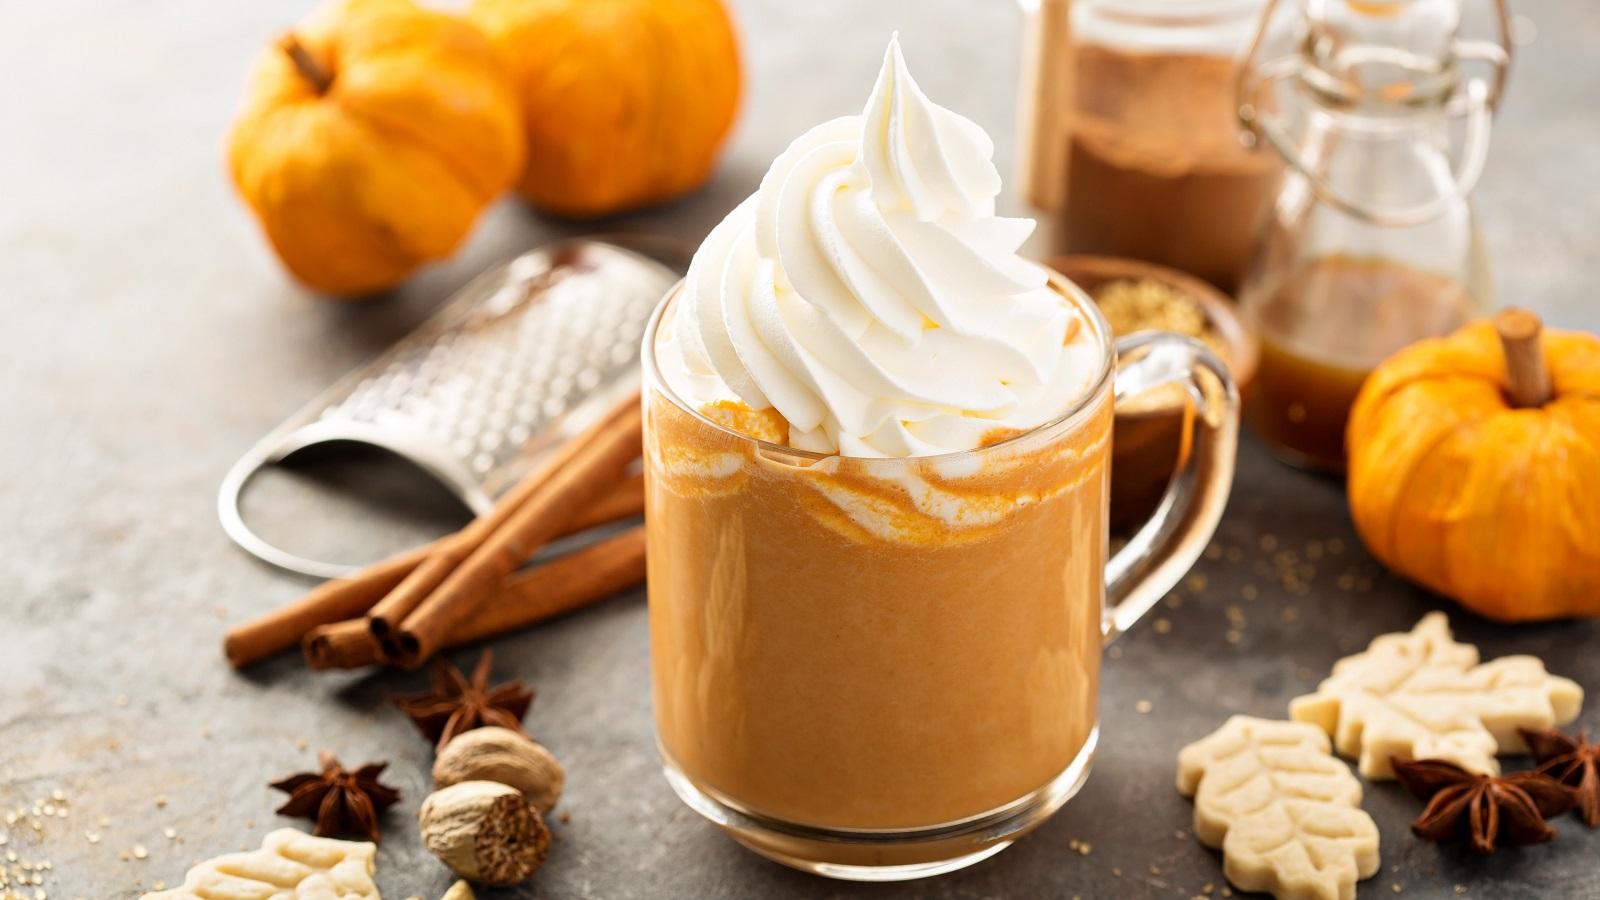 Eine Glastasse mit Pumpkin Spice Latte getoppt mit viel Schlagsahne neben Zimtstangen, Nelken, Muskatnuss, kleinen Kürbissen, Keksen und Gewürzen vor einem grauem Hintergrund.